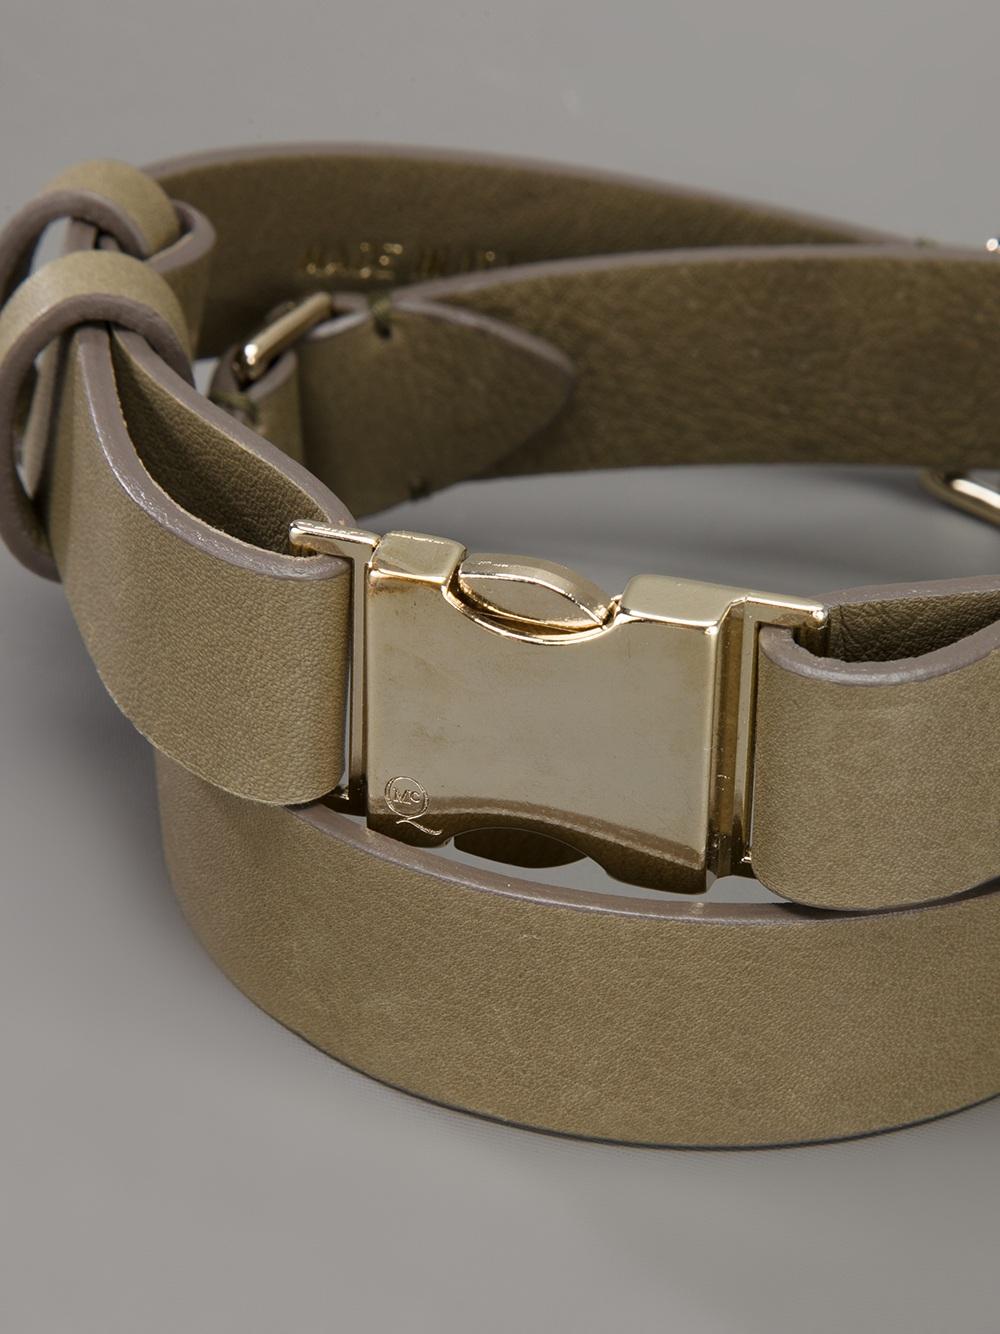 clip buckle belt - 28 images - crosshatch mens branded ...